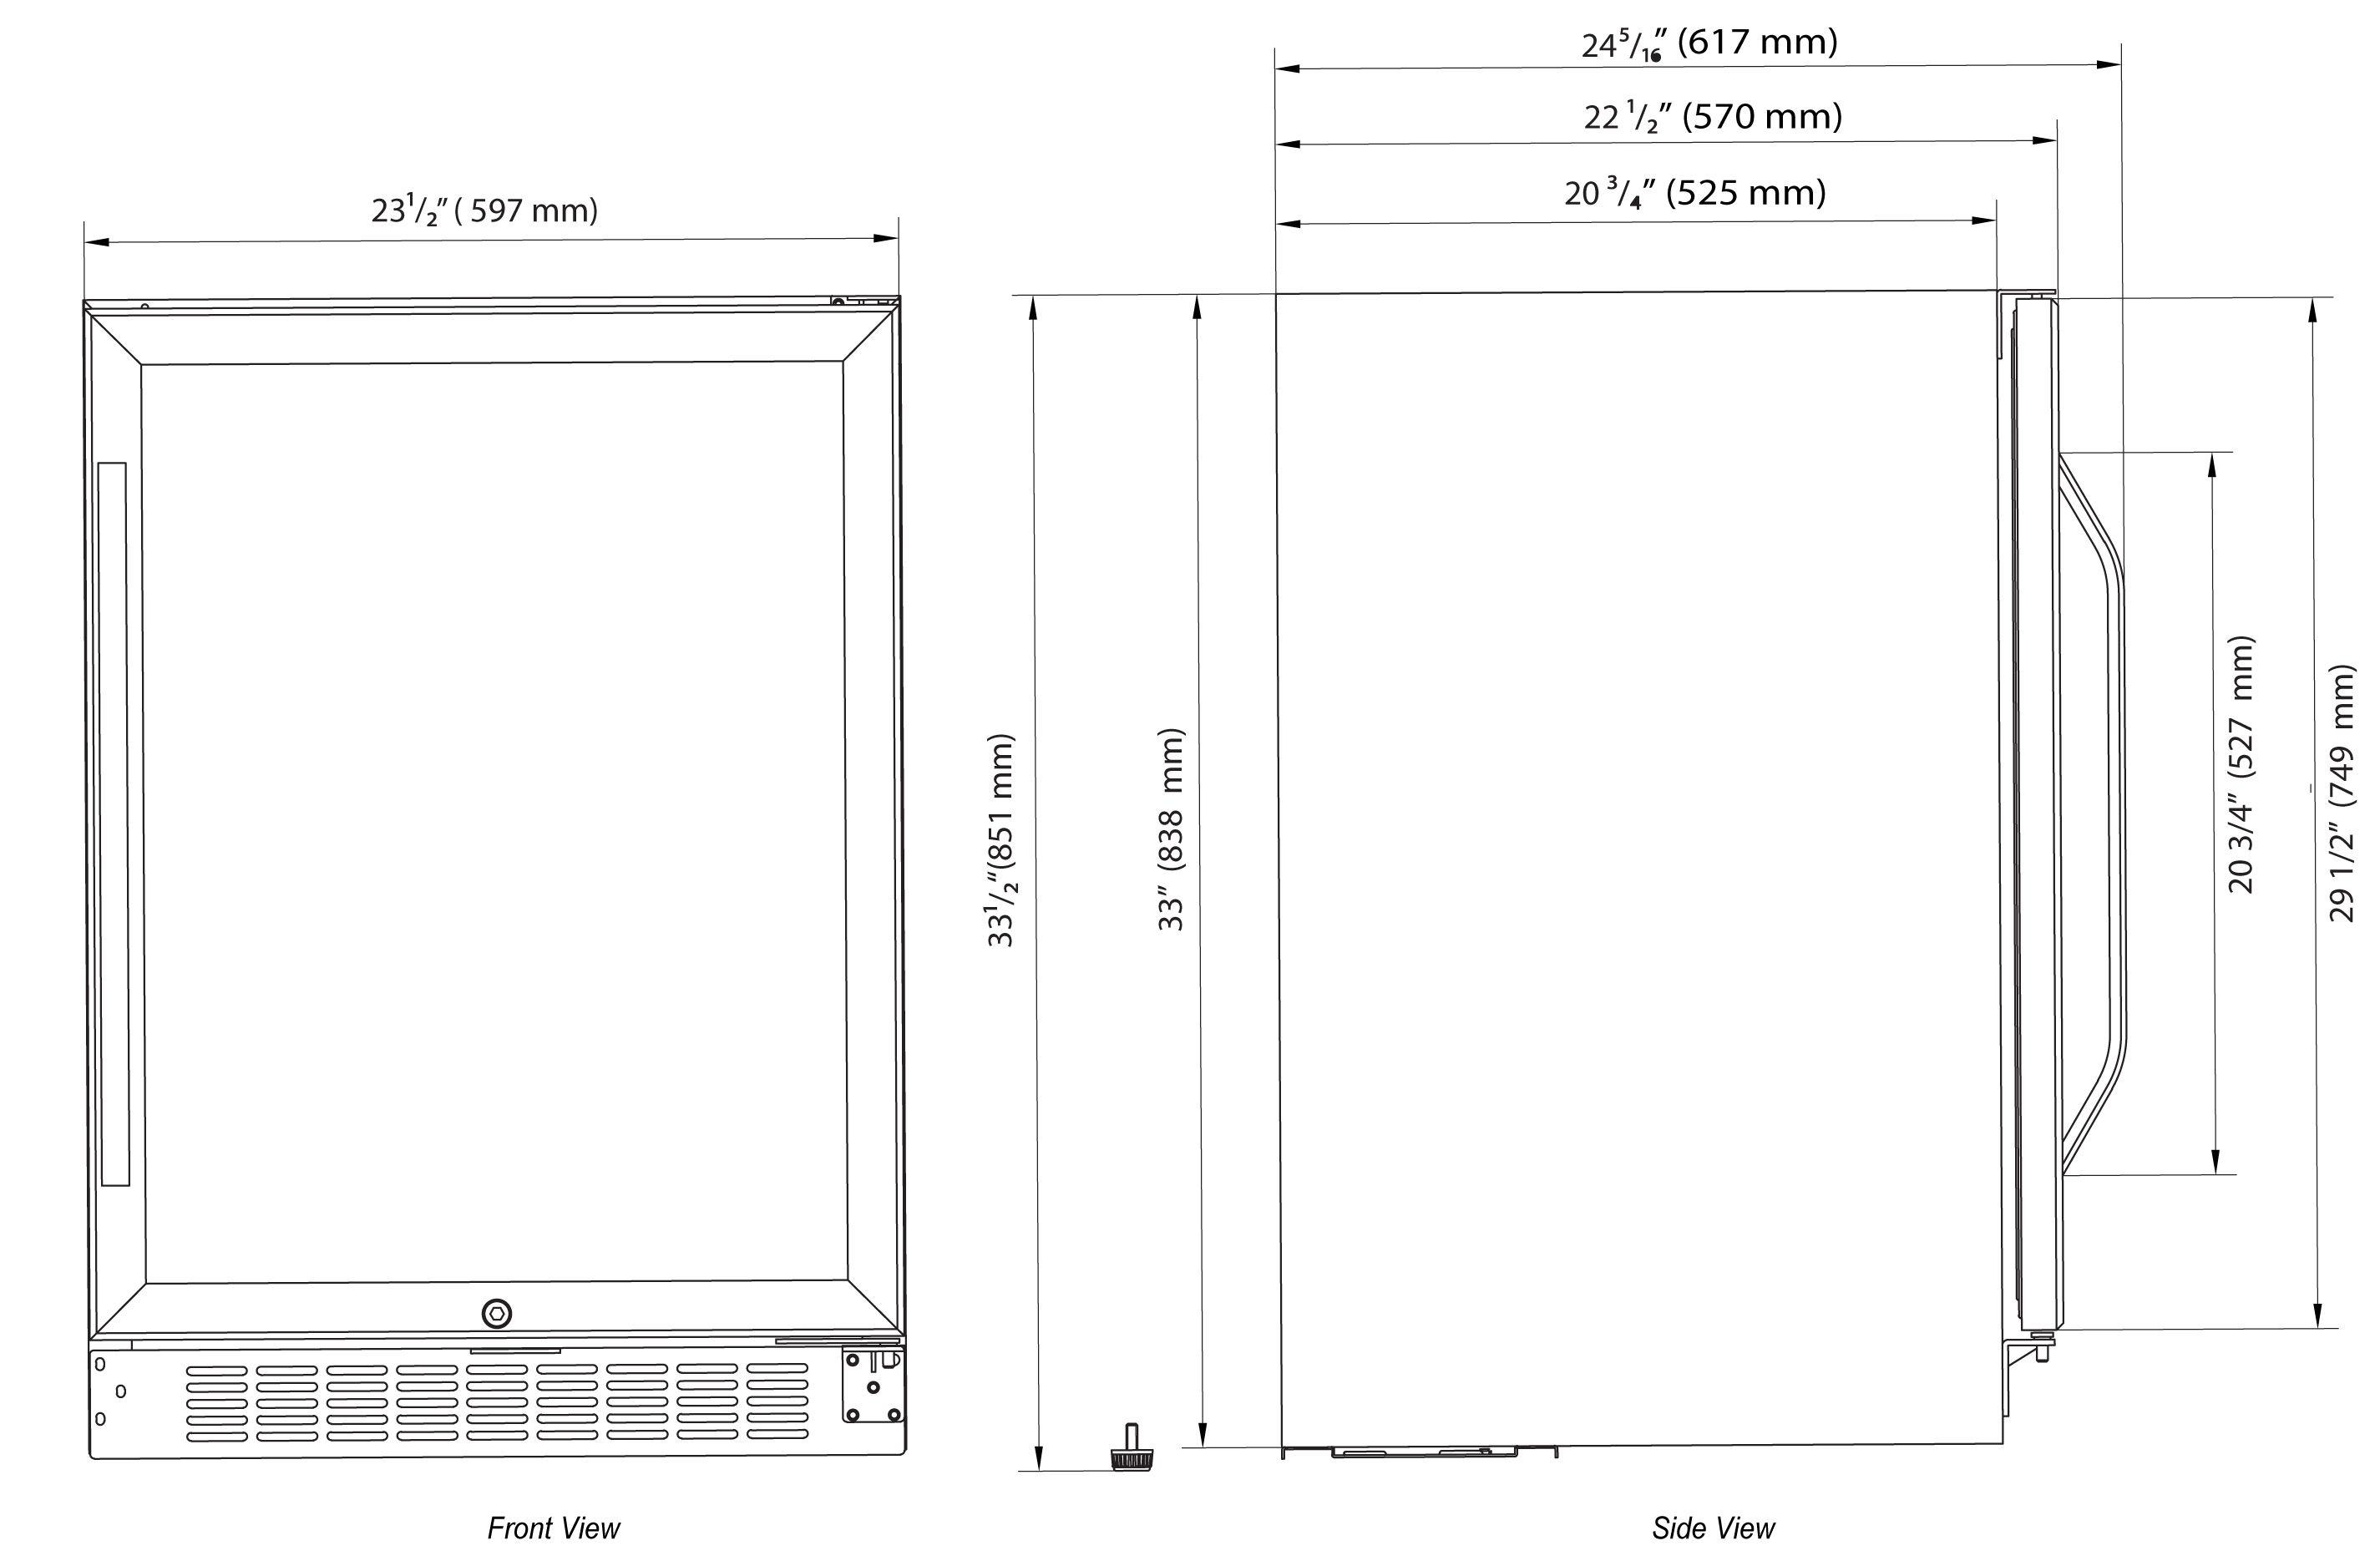 medium resolution of edgestar wiring diagram wiring diagram filteredgestar wiring diagram wiring diagram data val edgestar wiring diagram